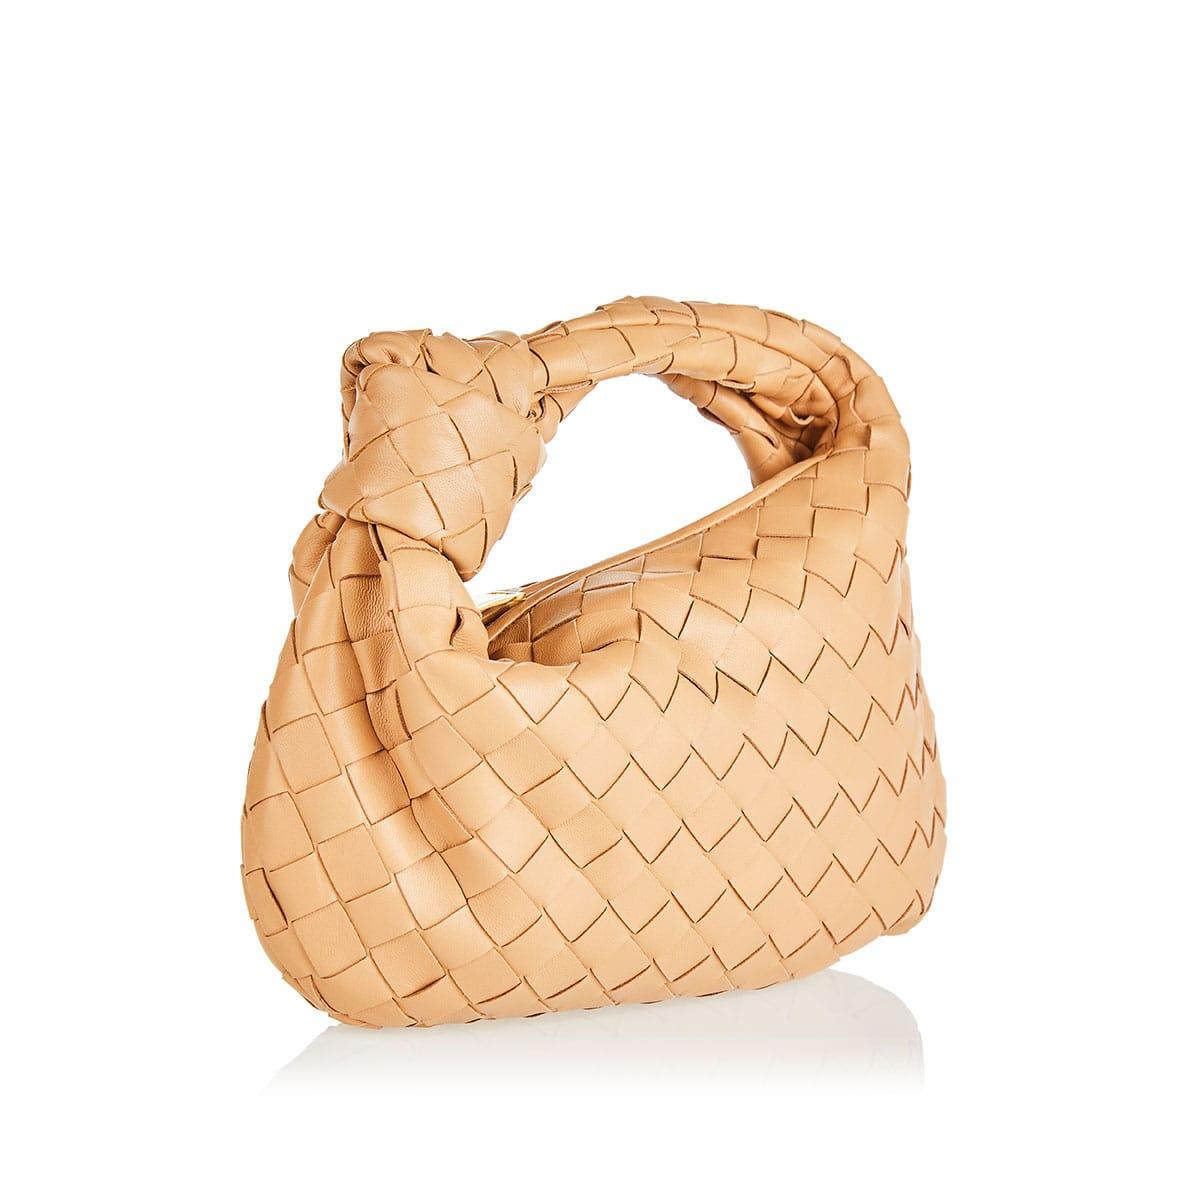 BV Jodie mini Intrecciato bag